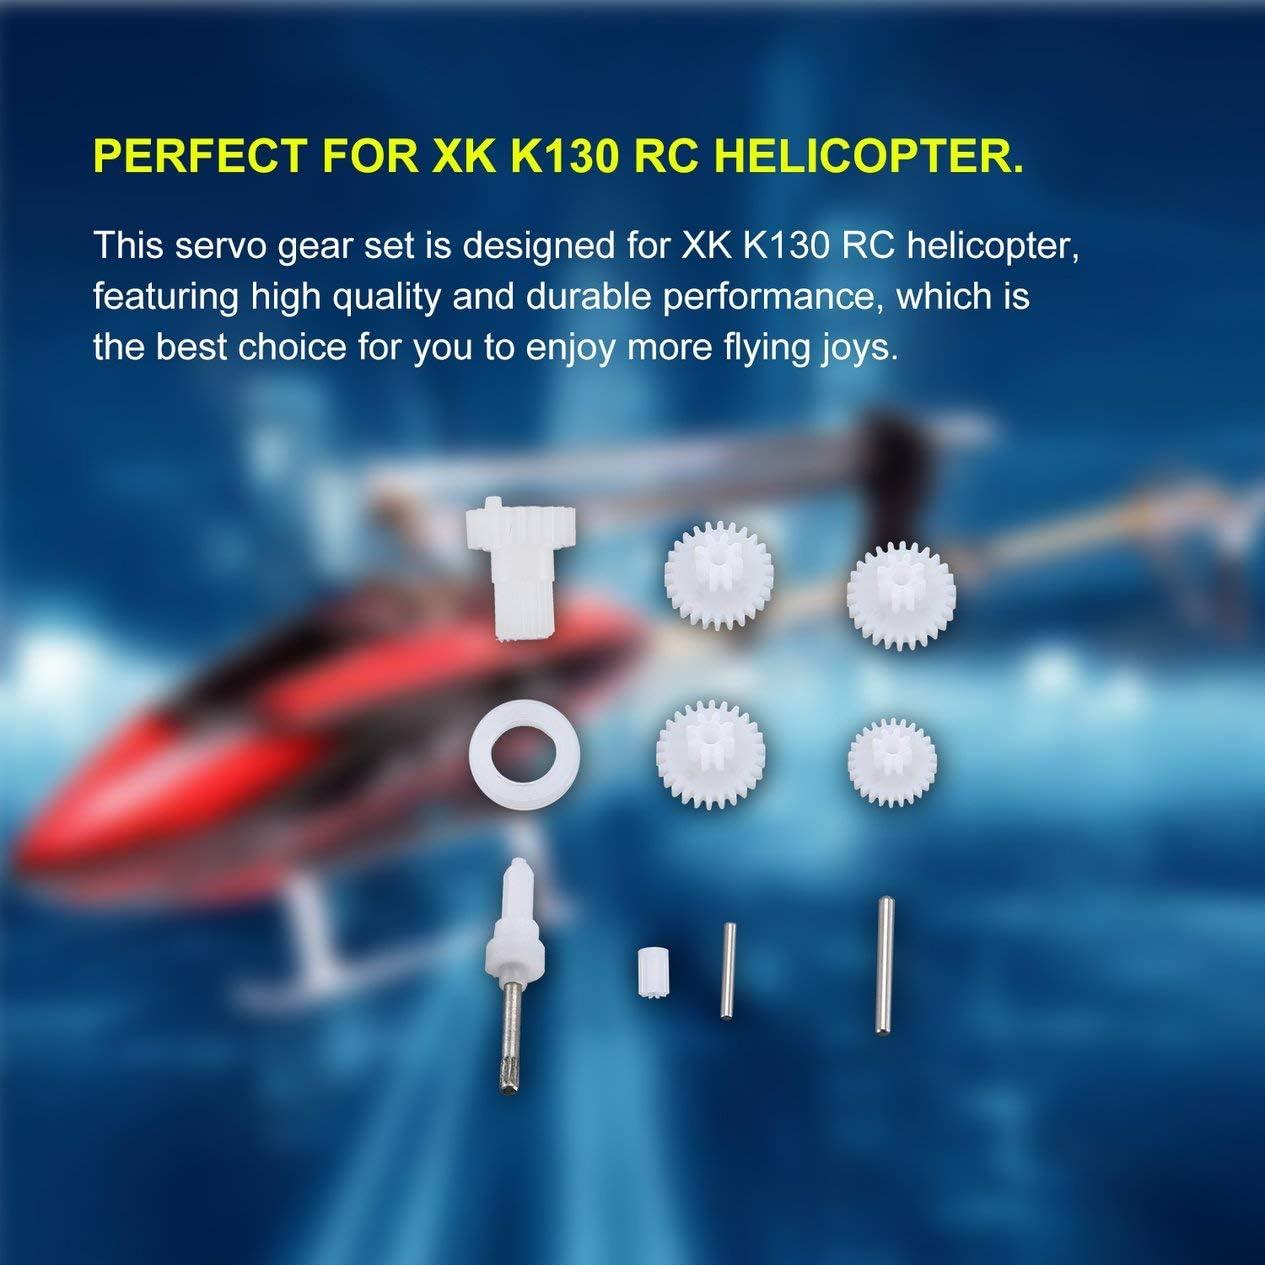 T-Power Kunststoff-Servo-Zahnradsatz RC-Hubschrauberteile Zubeh/ör f/ür XK K130 RC-Hubschrauber RC-Drohne Wei/ß-Wei/ß BCVBFGCXVB